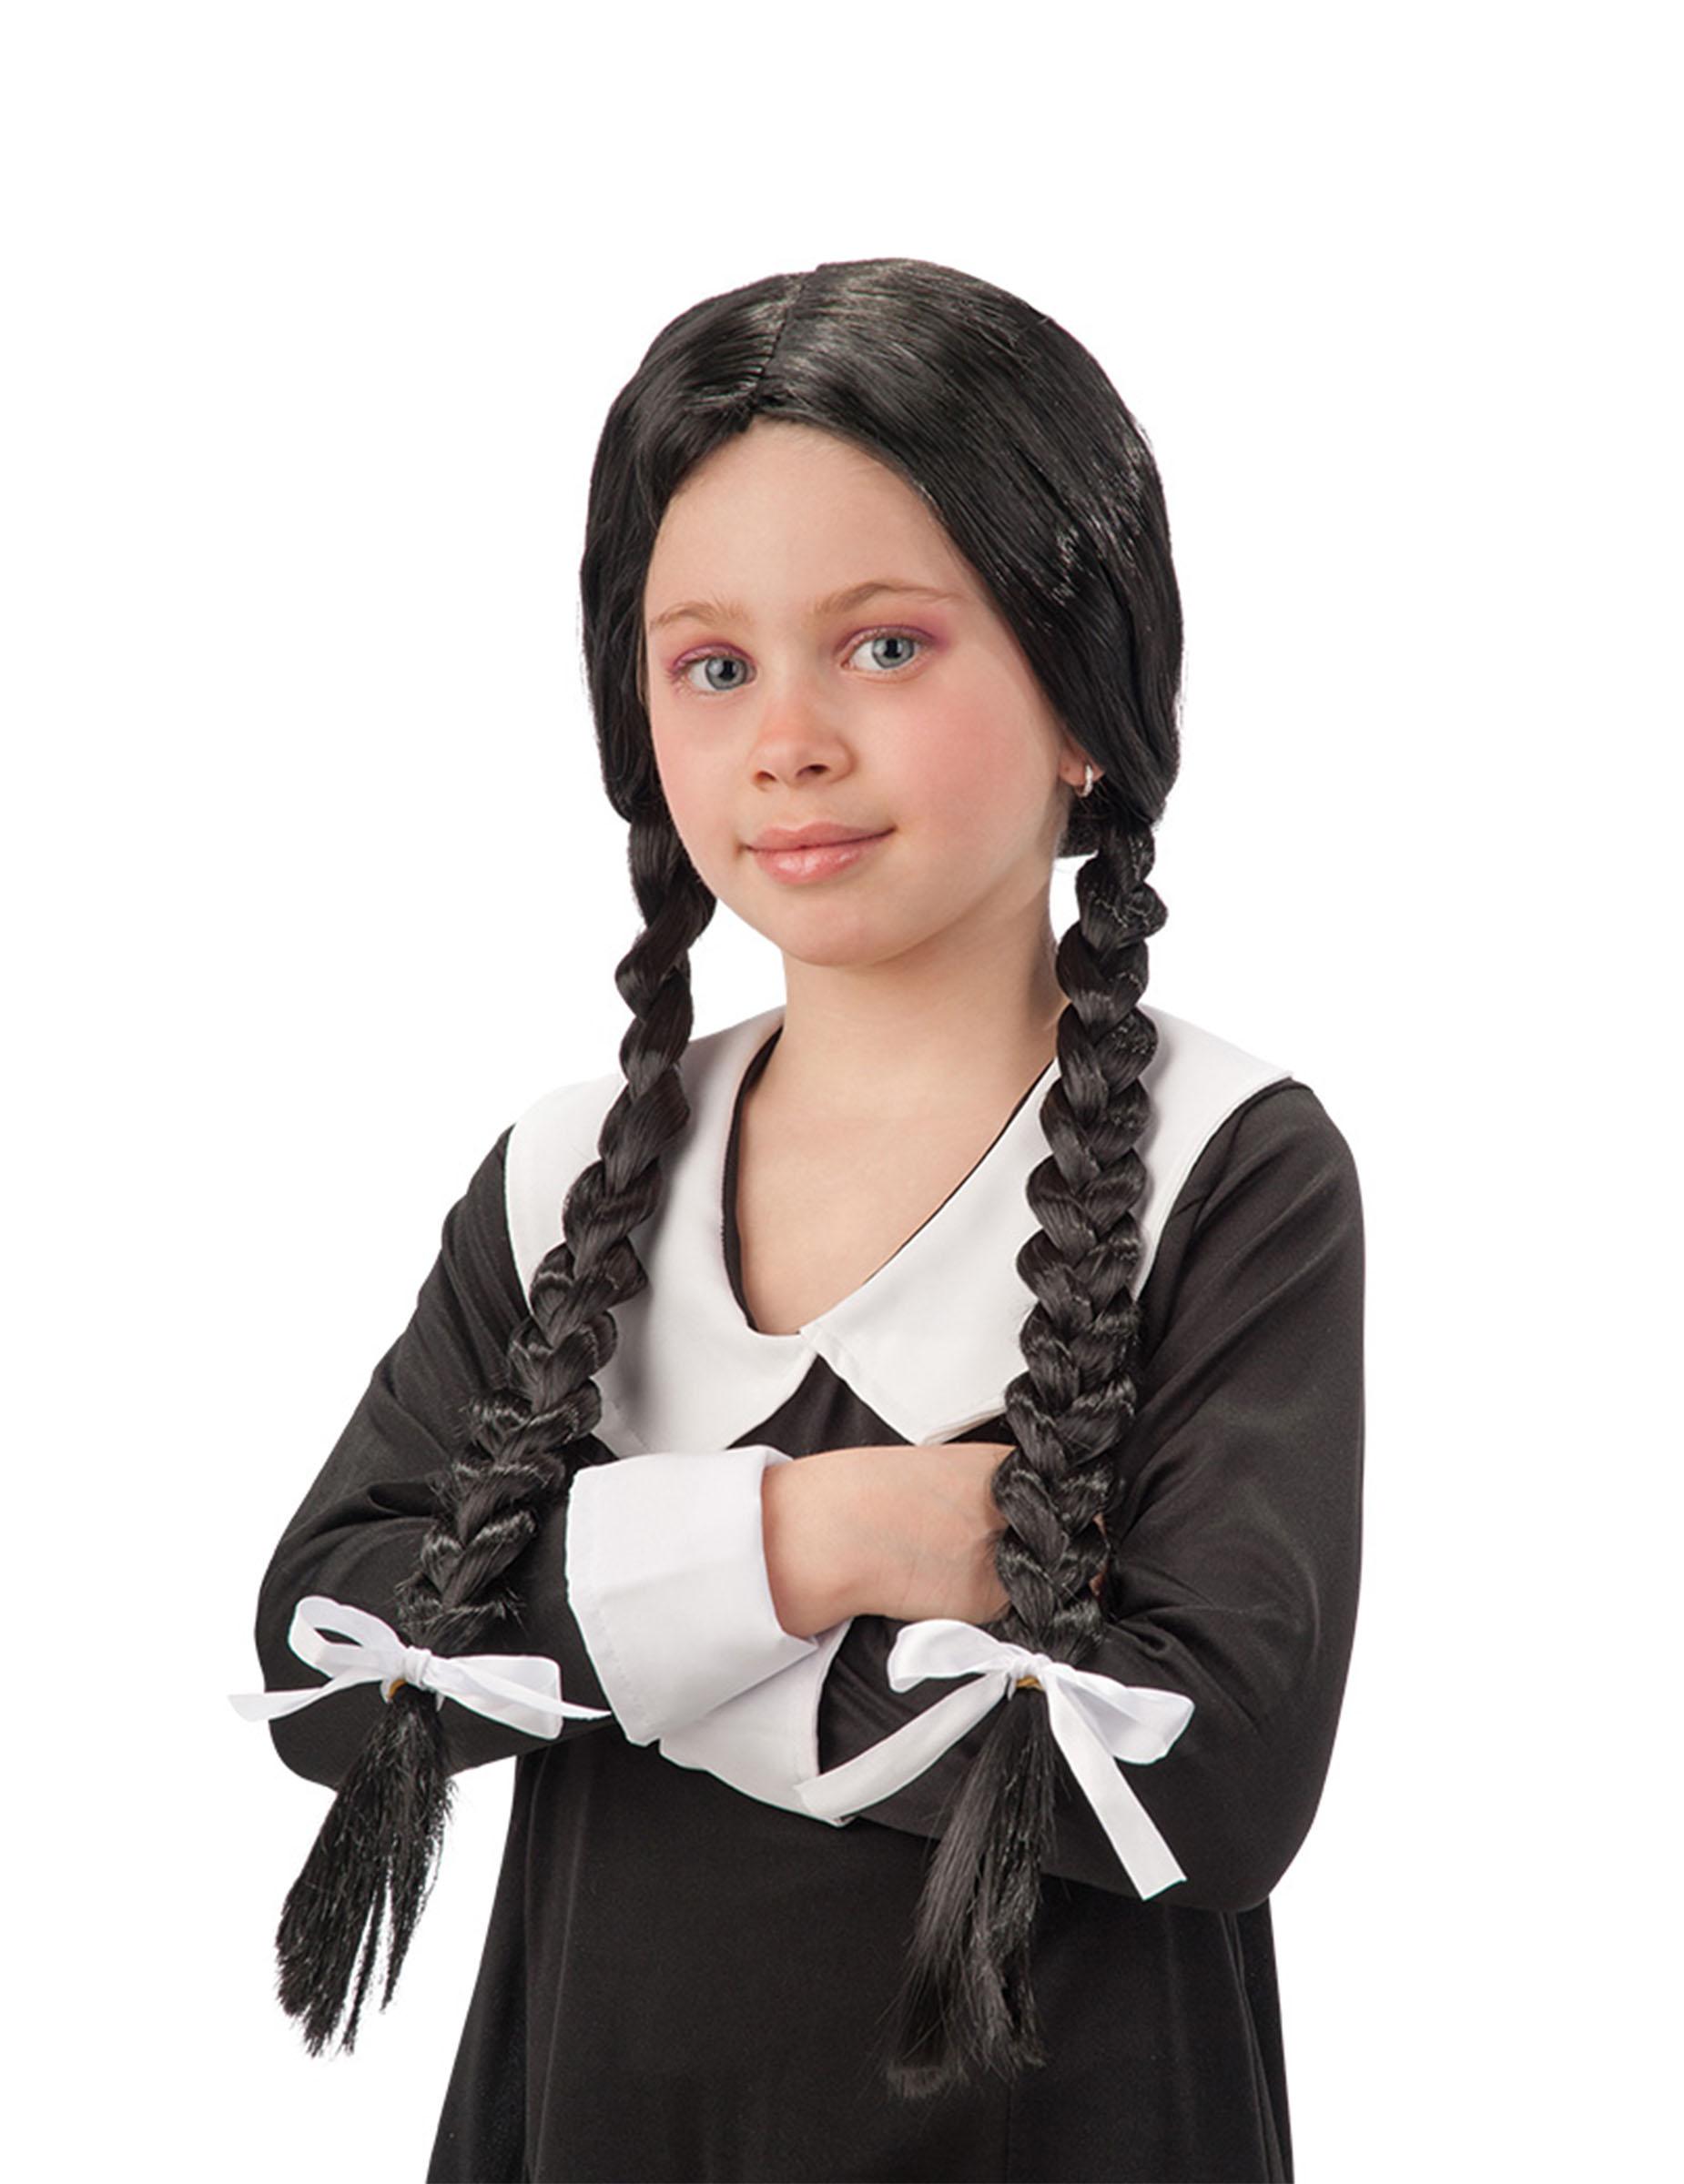 Perruque noire avec tresses écolière fille